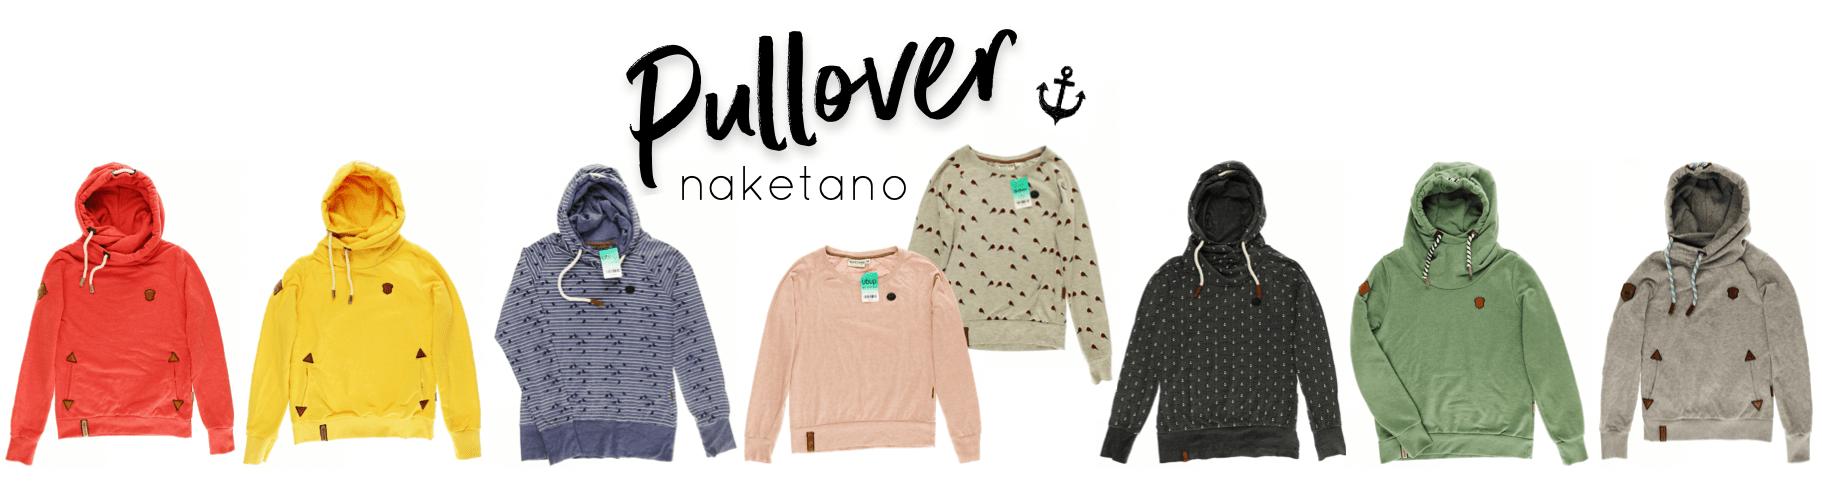 Naketano - Pullover